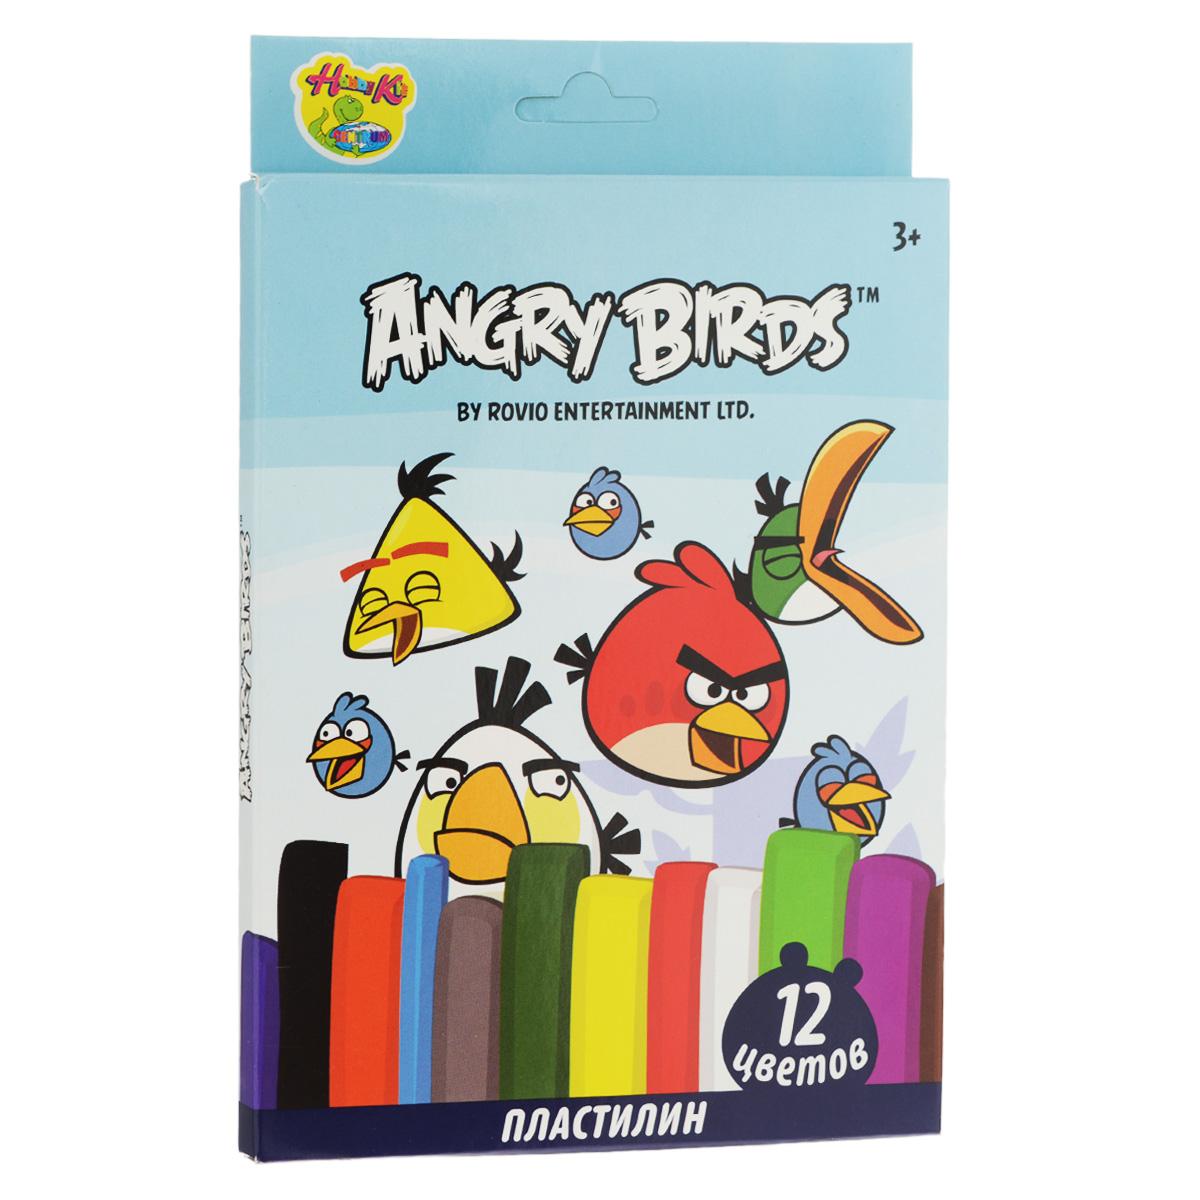 Пластилин Angry Birds, 12 цветов. 84966280043Пластилин Angry Birds - это отличная возможность познакомить ребенка с еще одним из видов изобразительного творчества, в котором создаются объемные образы и целые композиции.В набор входит пластилин 12 ярких цветов (красный, темно-зеленый, черный, оранжевый, светло-зеленый, фиолетовый, белый, желтый, синий, коричневый, голубой, серый), а также пластиковый стек для нарезания пластилина.Цвета пластилина легко смешиваются между собой, и таким образом можно получить новые оттенки. Пластилин имеет яркие, красочные цвета и не липнет к рукам.Техника лепки богата и разнообразна, но при этом доступна даже маленьким детям. Занятия лепкой не только увлекательны, но и полезны для ребенка. Они способствуют развитию творческого и пространственного мышления, восприятия формы, фактуры, цвета и веса, развивают воображение и мелкую моторику.